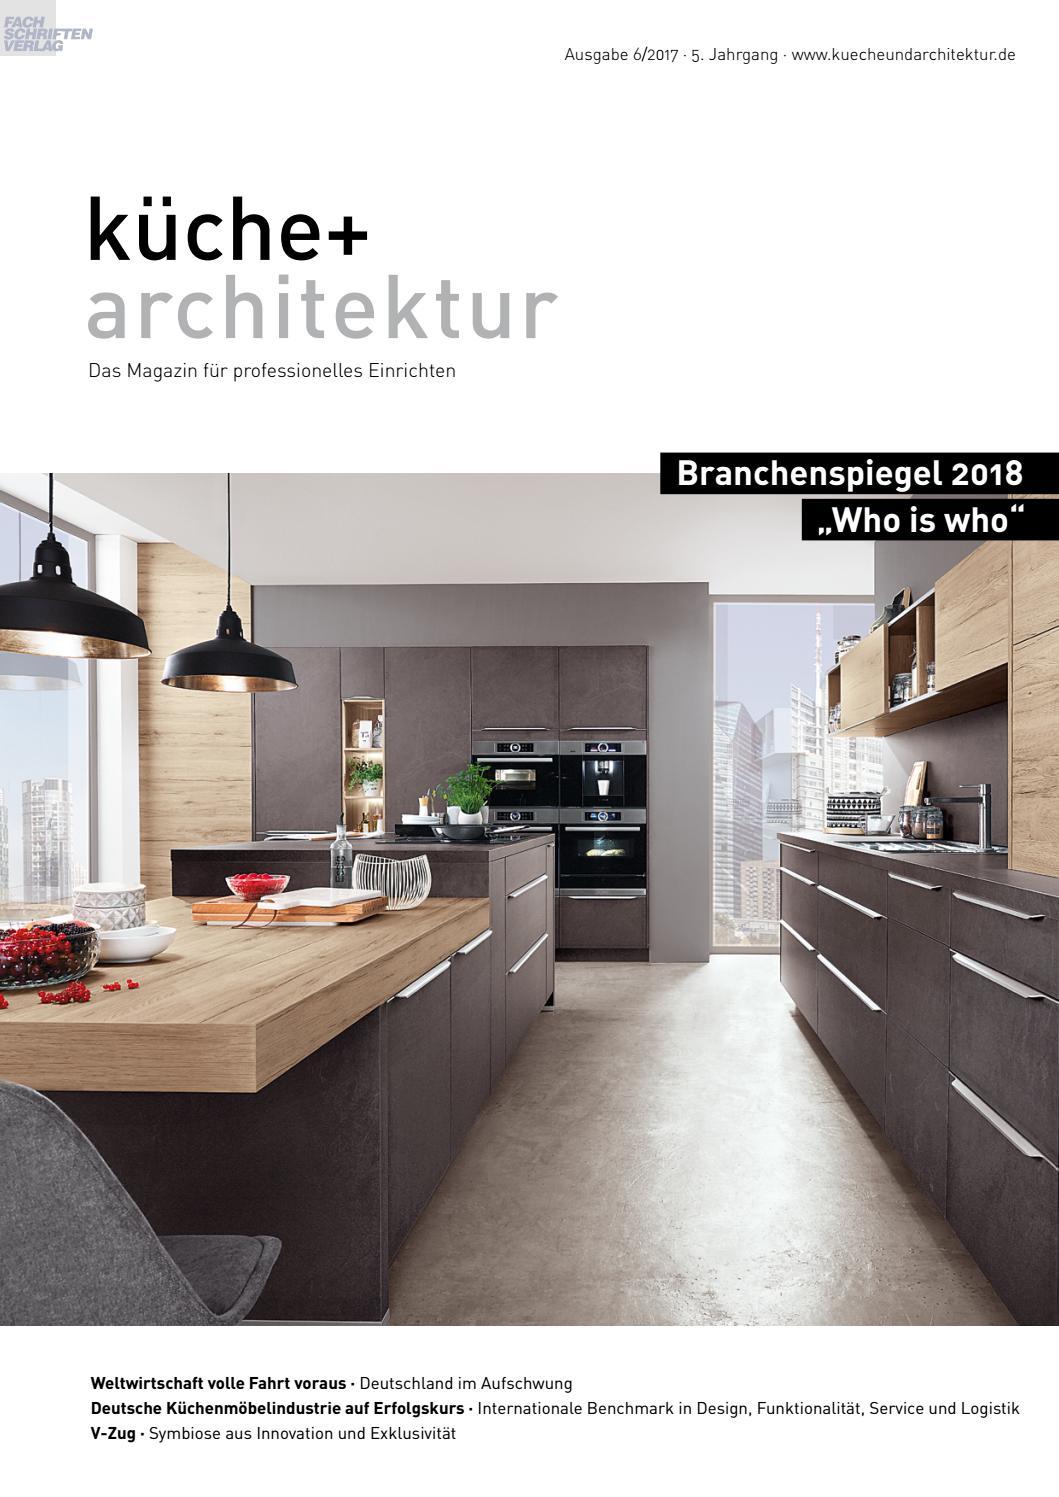 Full Size of Wellmann Küche Schublade Ausbauen Kche Architektur 6 2017 By Fachschriften Verlag Bett Mit Schubladen 90x200 Weiß Kaufen Ikea Vorhänge Ohne Oberschränke Wohnzimmer Wellmann Küche Schublade Ausbauen